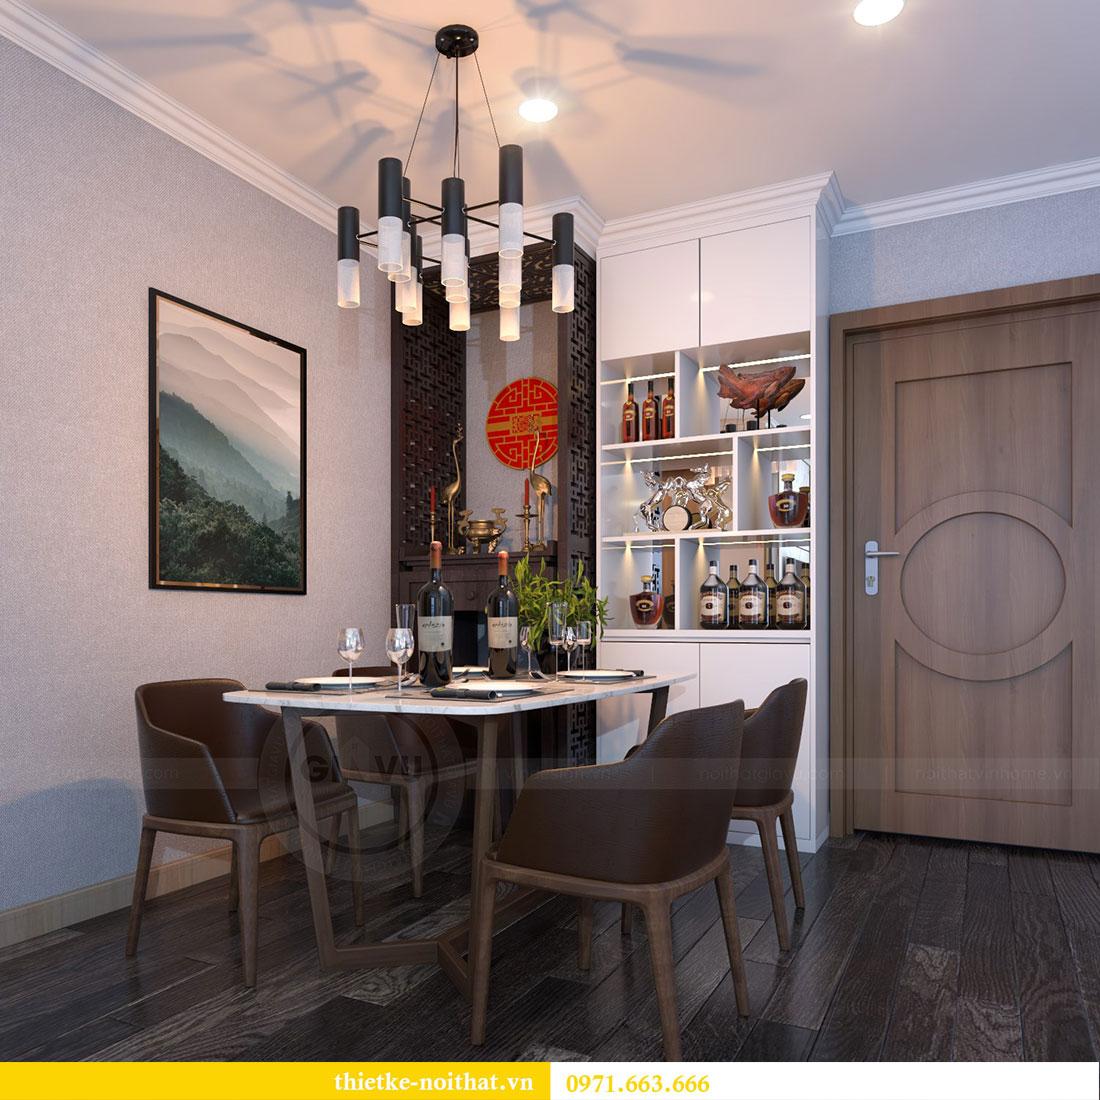 Thiết kế nội thất chung cư Gardenia căn 12A tòa A1 - Anh Hùng 4